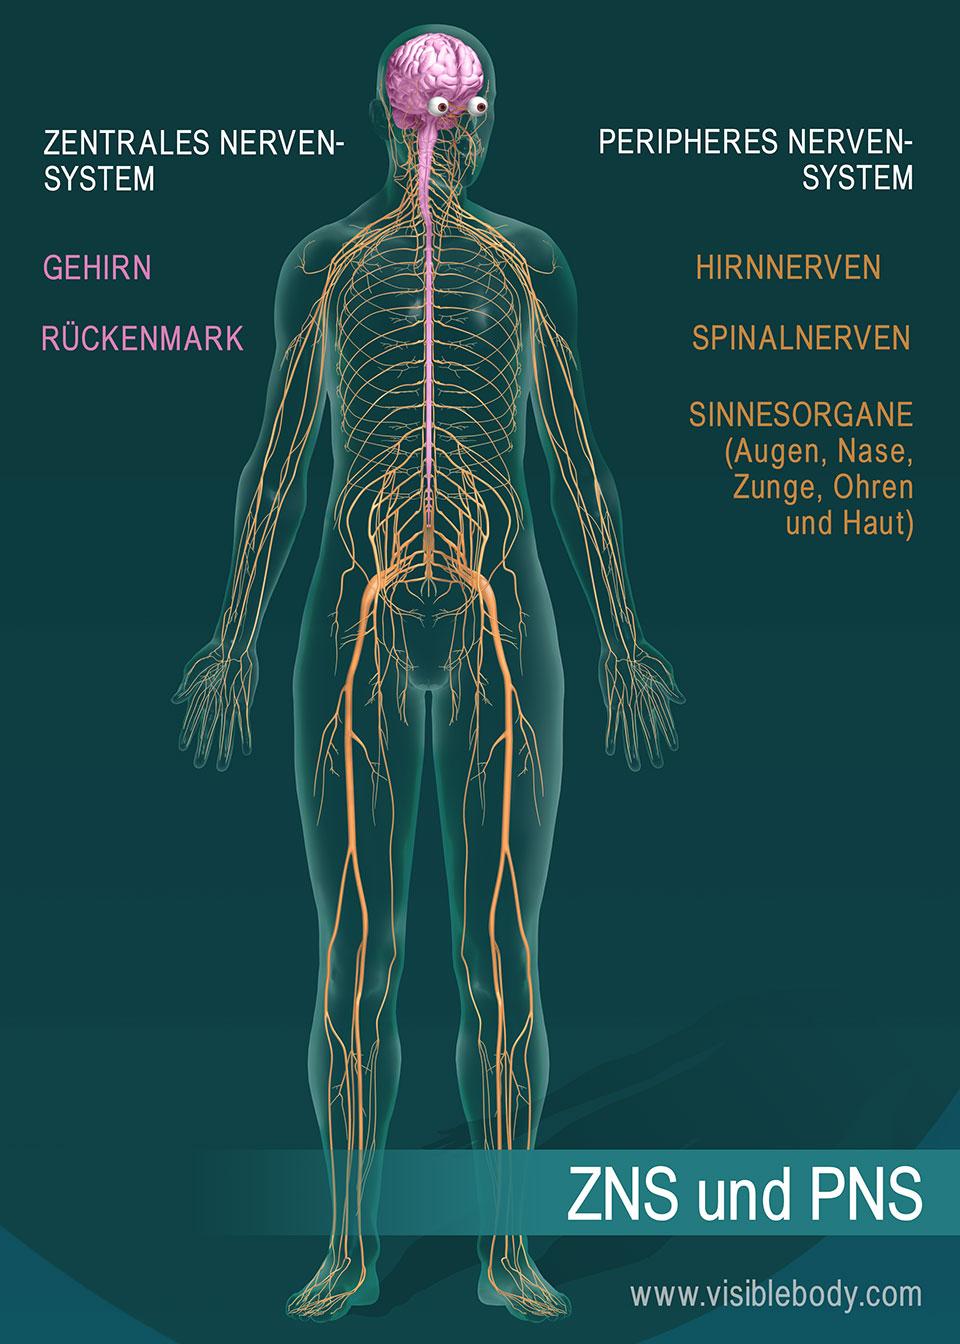 Gehirn und Rückenmark bilden zusammen das zentrale Nervensystem (ZNS). Hirnnerven, Spinalnerven und sensorische Organe bilden zusammen das periphere Nervensystem (PNS).